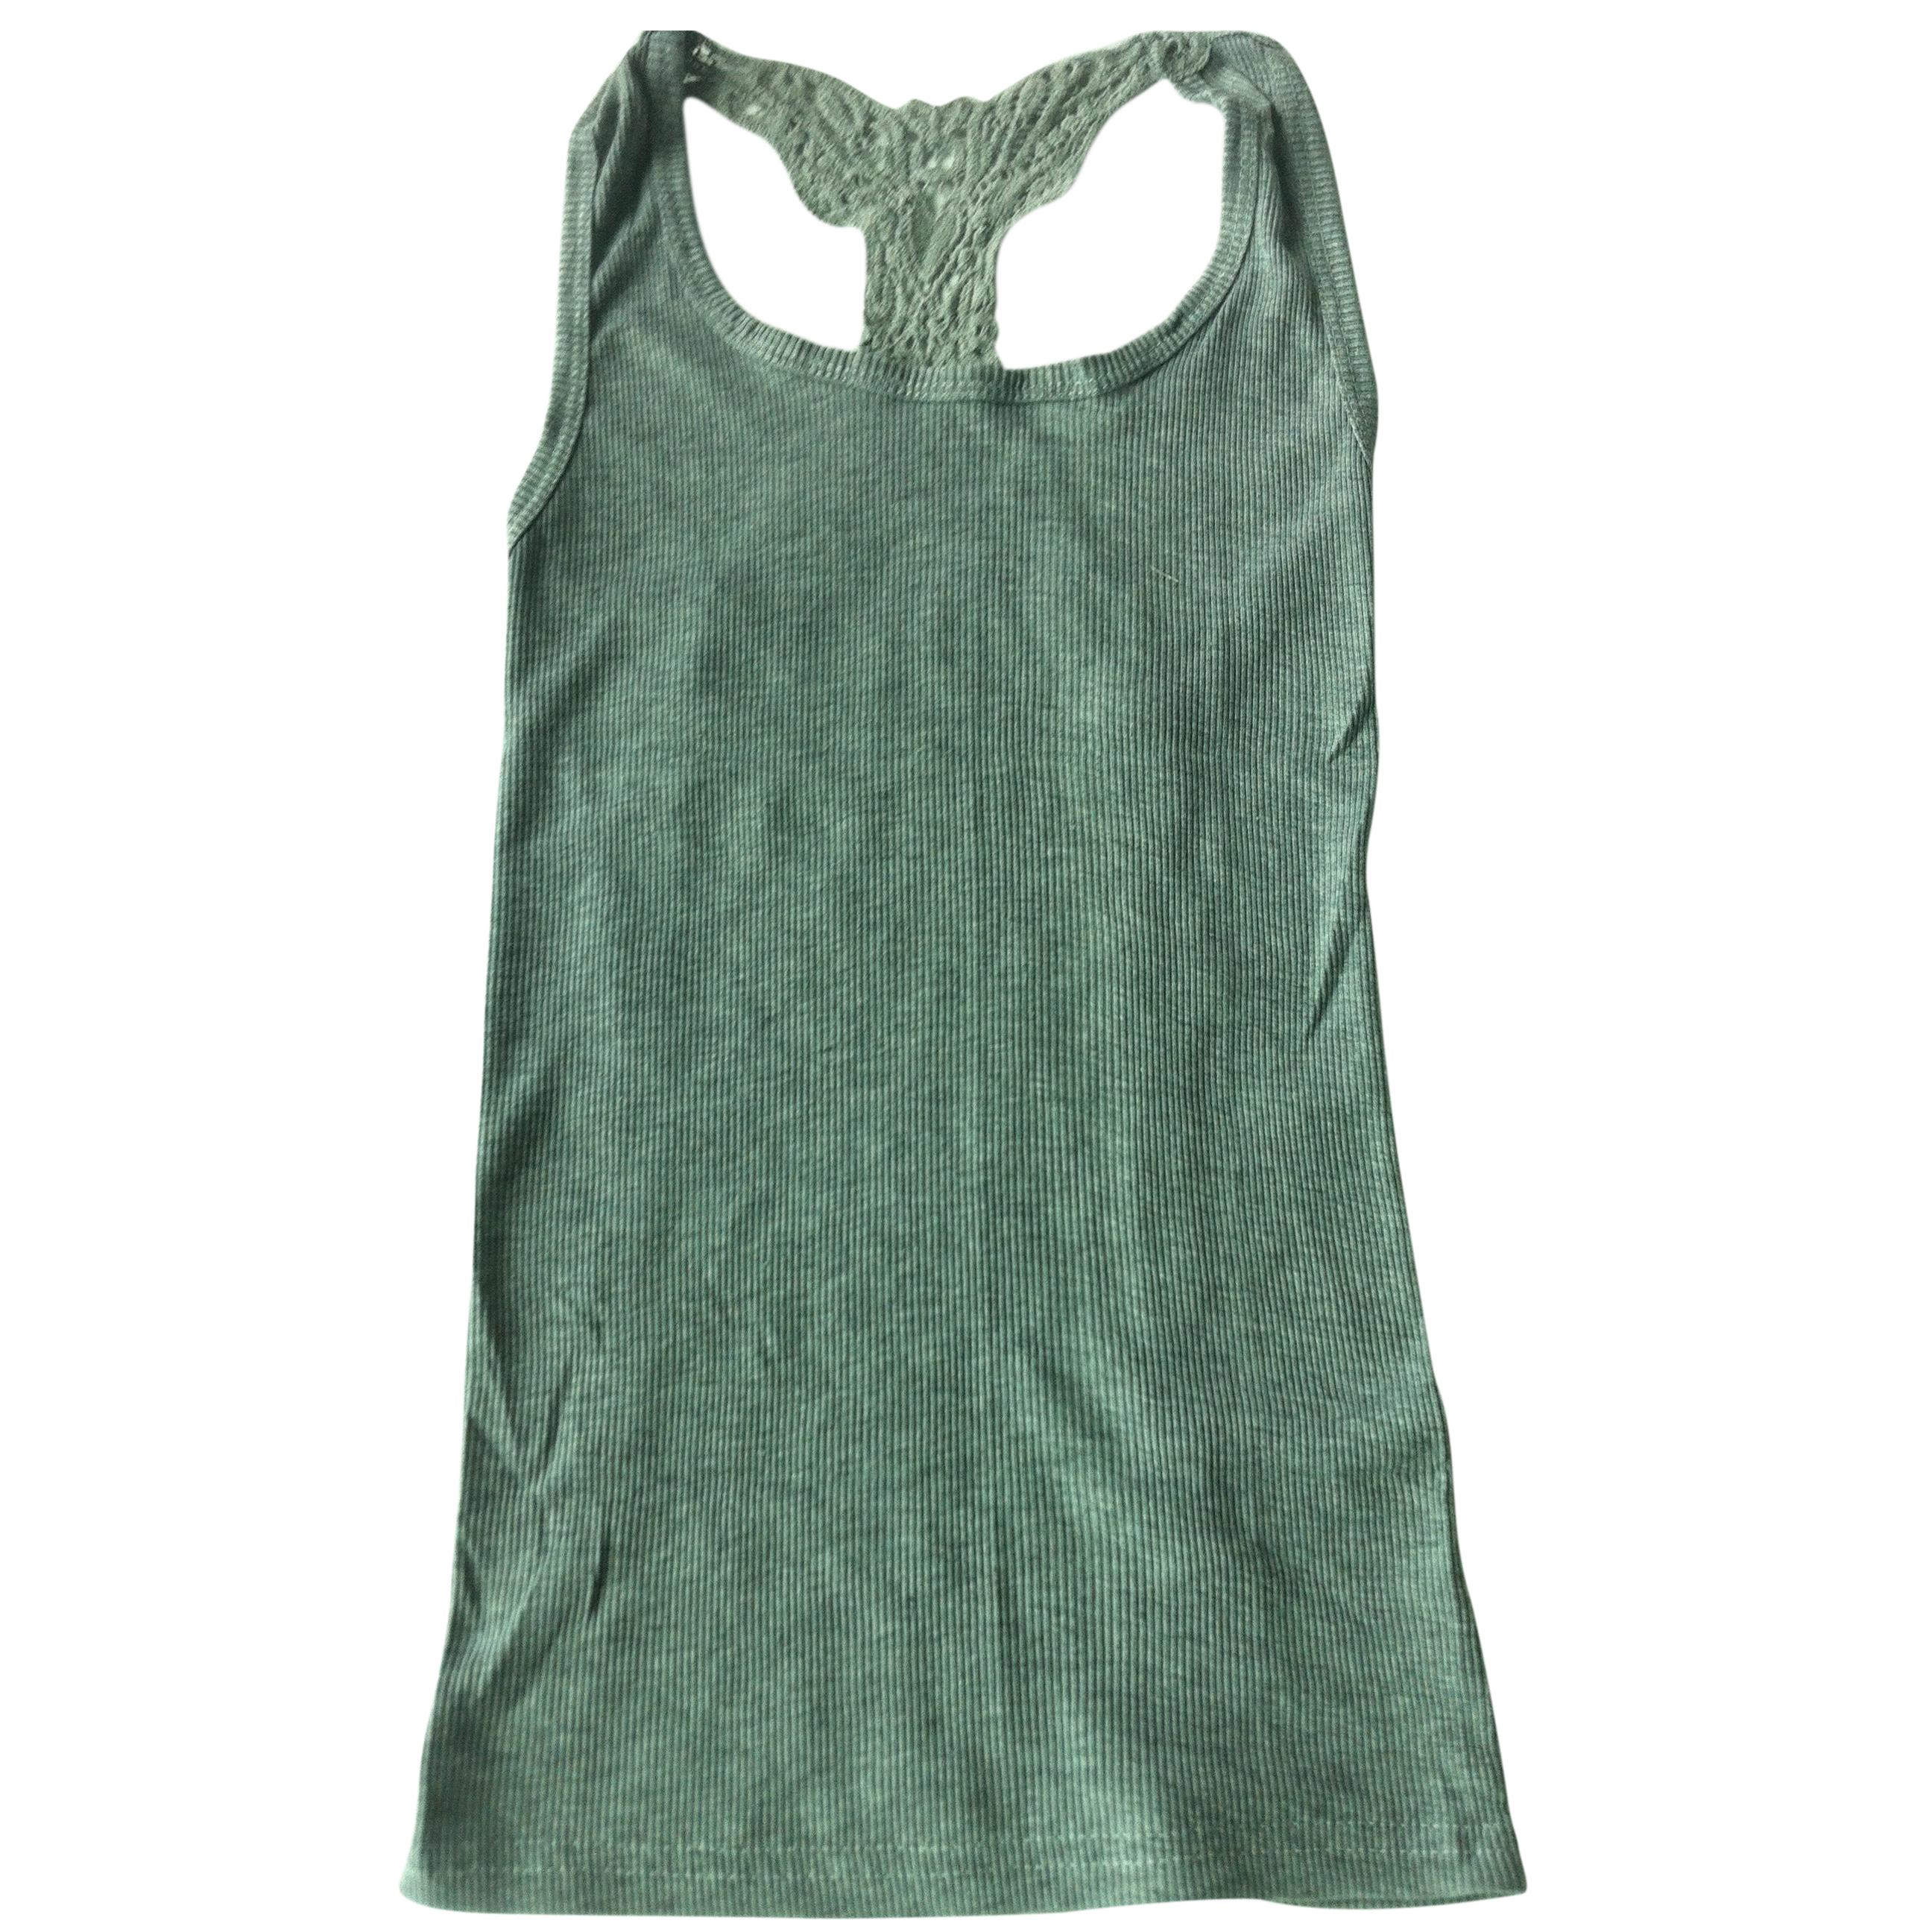 sans manches t shirt crochet oeillet dentelle envers veste tank camisoles wt ebay. Black Bedroom Furniture Sets. Home Design Ideas